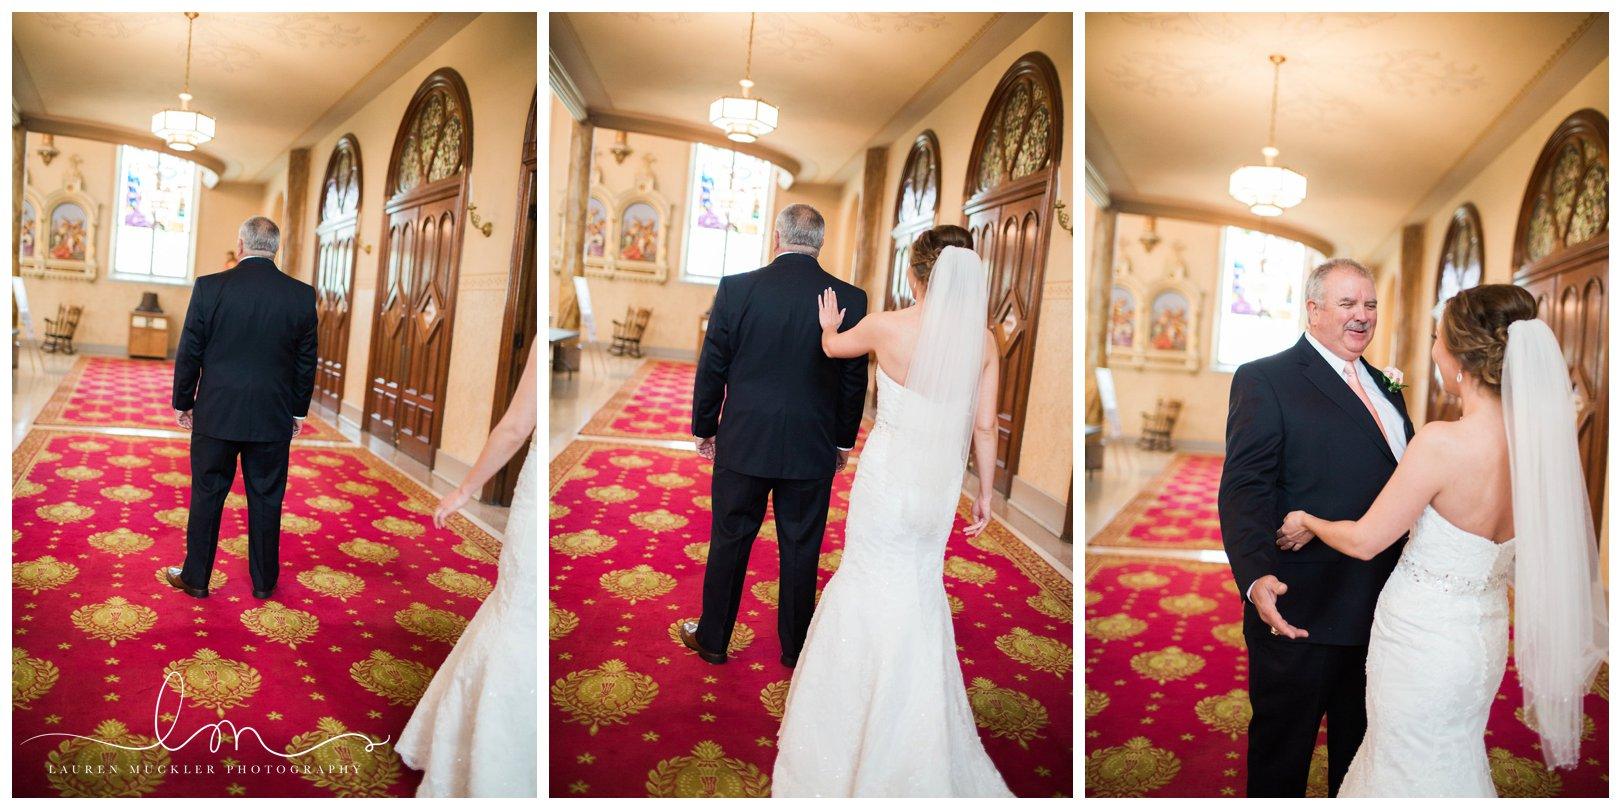 lauren muckler photography_fine art film wedding photography_st louis_photography_0003.jpg